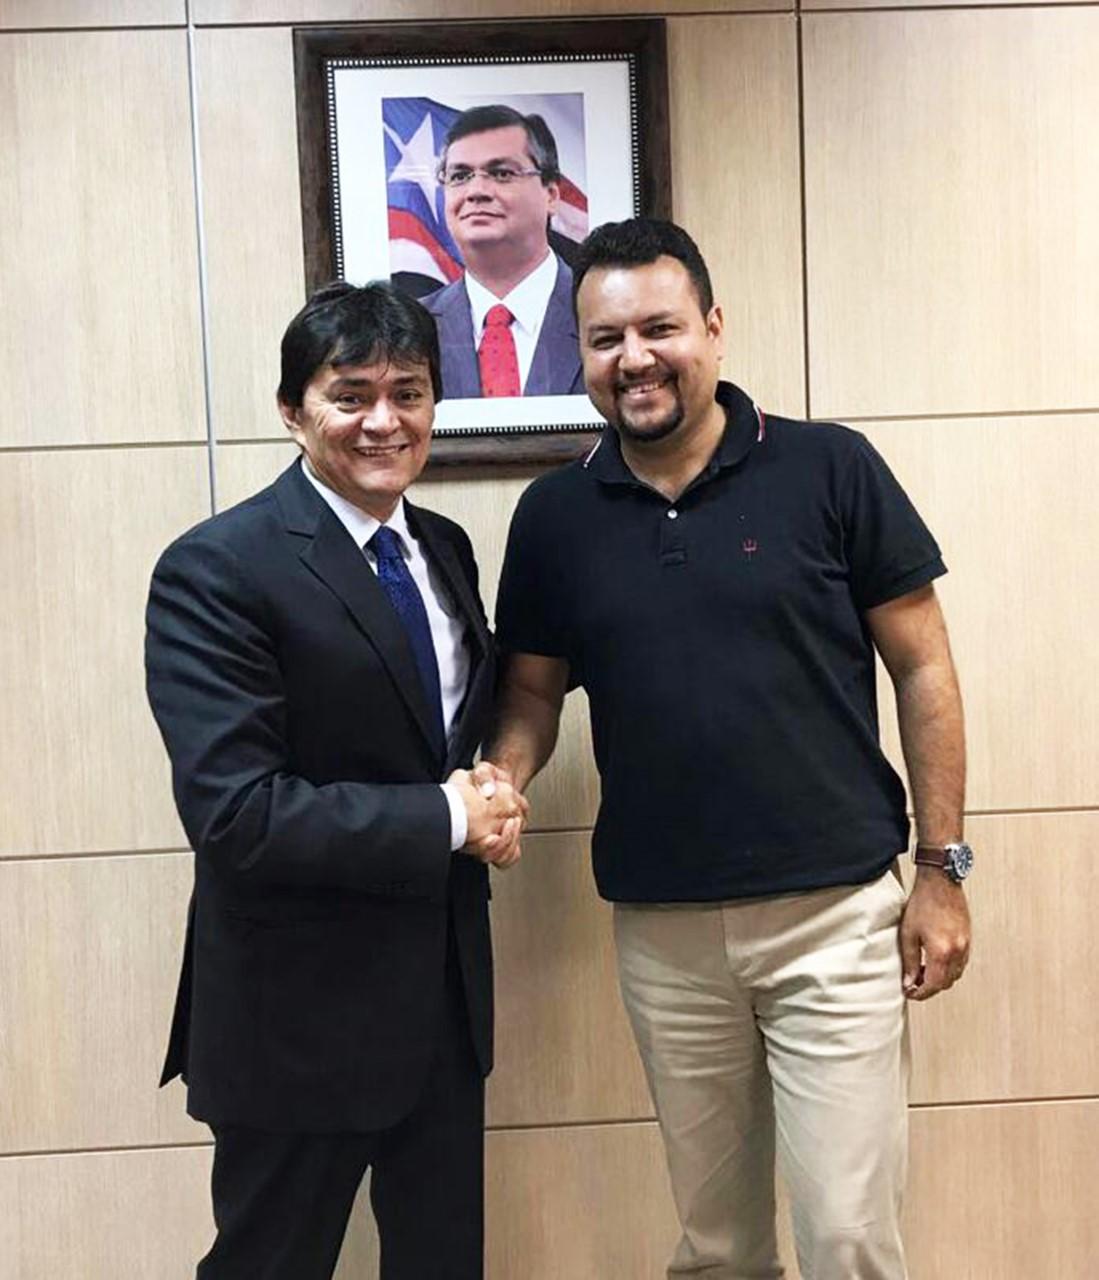 thumbnail_Deputado estadual Léo Cunha e o secretário de Estado de Infraestrutura Clayton Noleto. Obras da Avenida Brasil em Carolina serão realizadas.